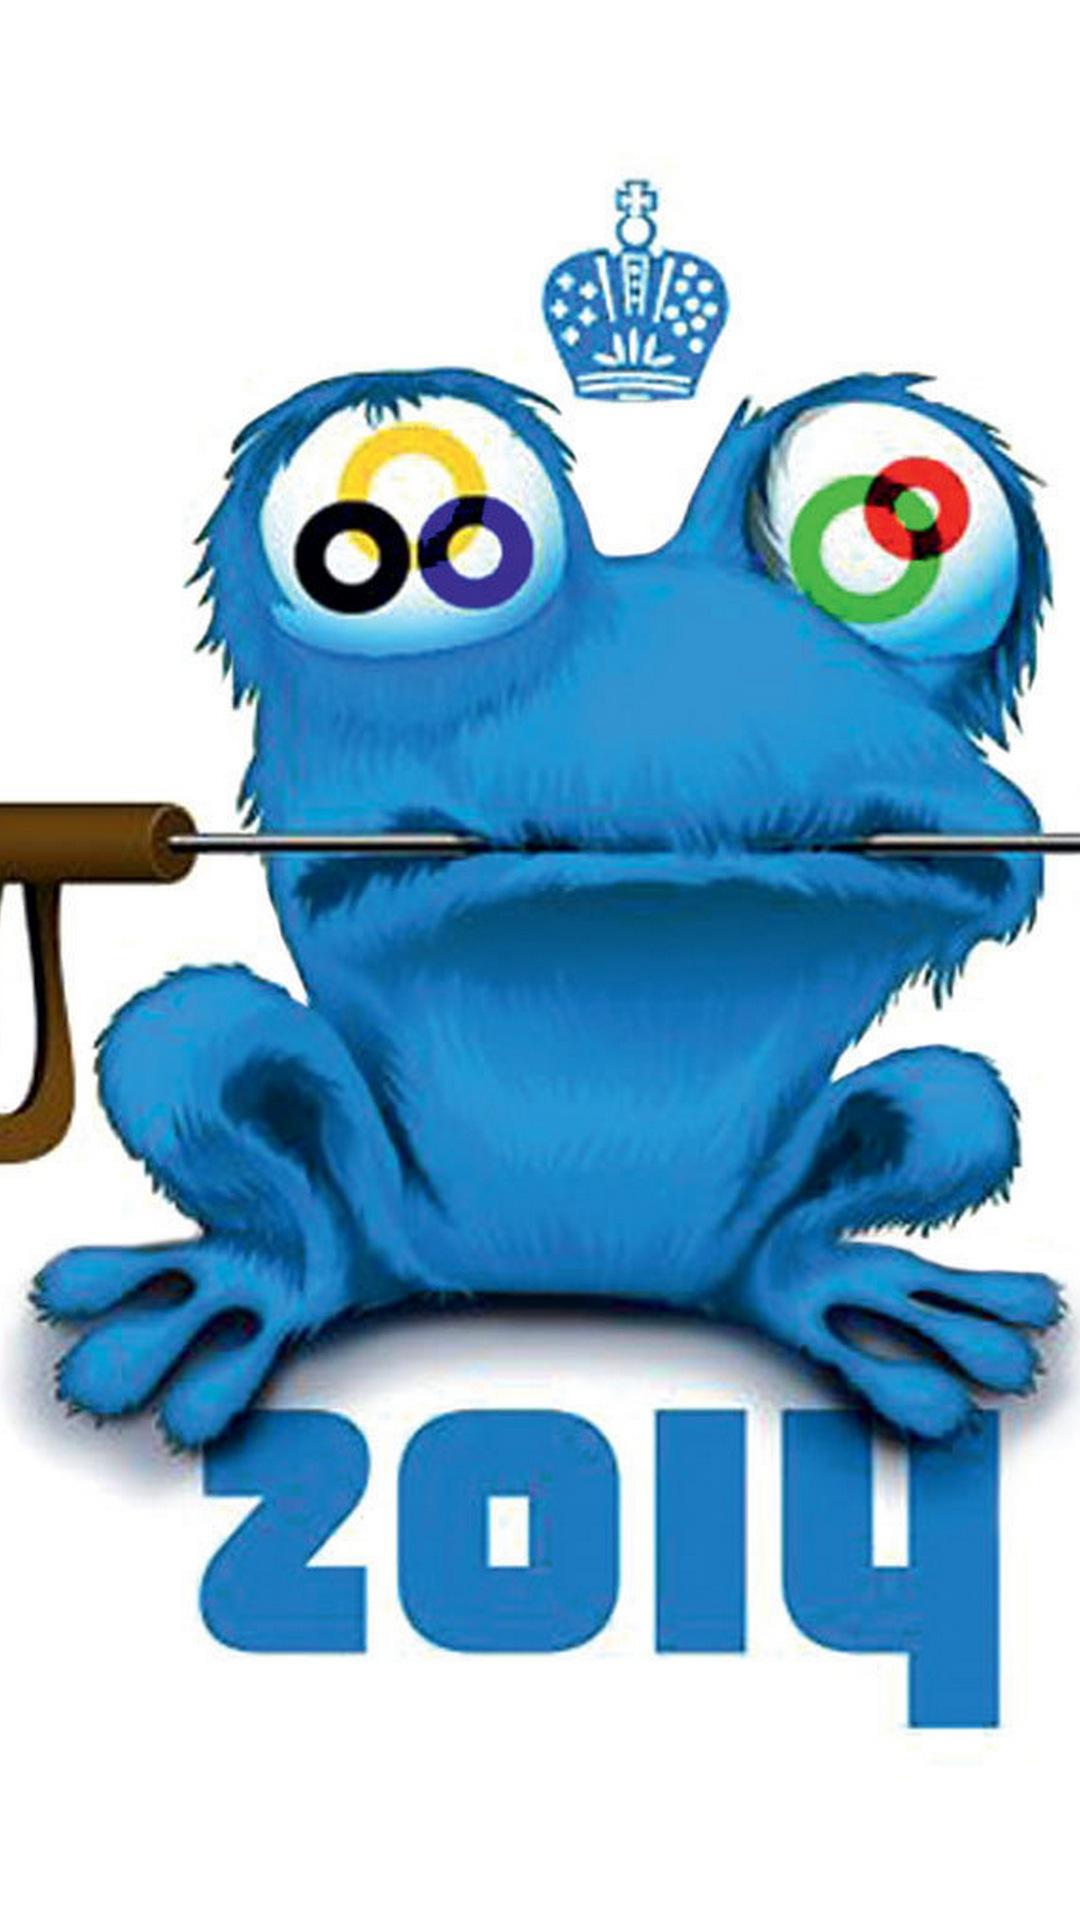 Galaxy S4 Wallpaper, Olympics, Olympic games, Sochi 2014, Mascot, Talisman full size, 1080x1920, Samsung Galaxy S4